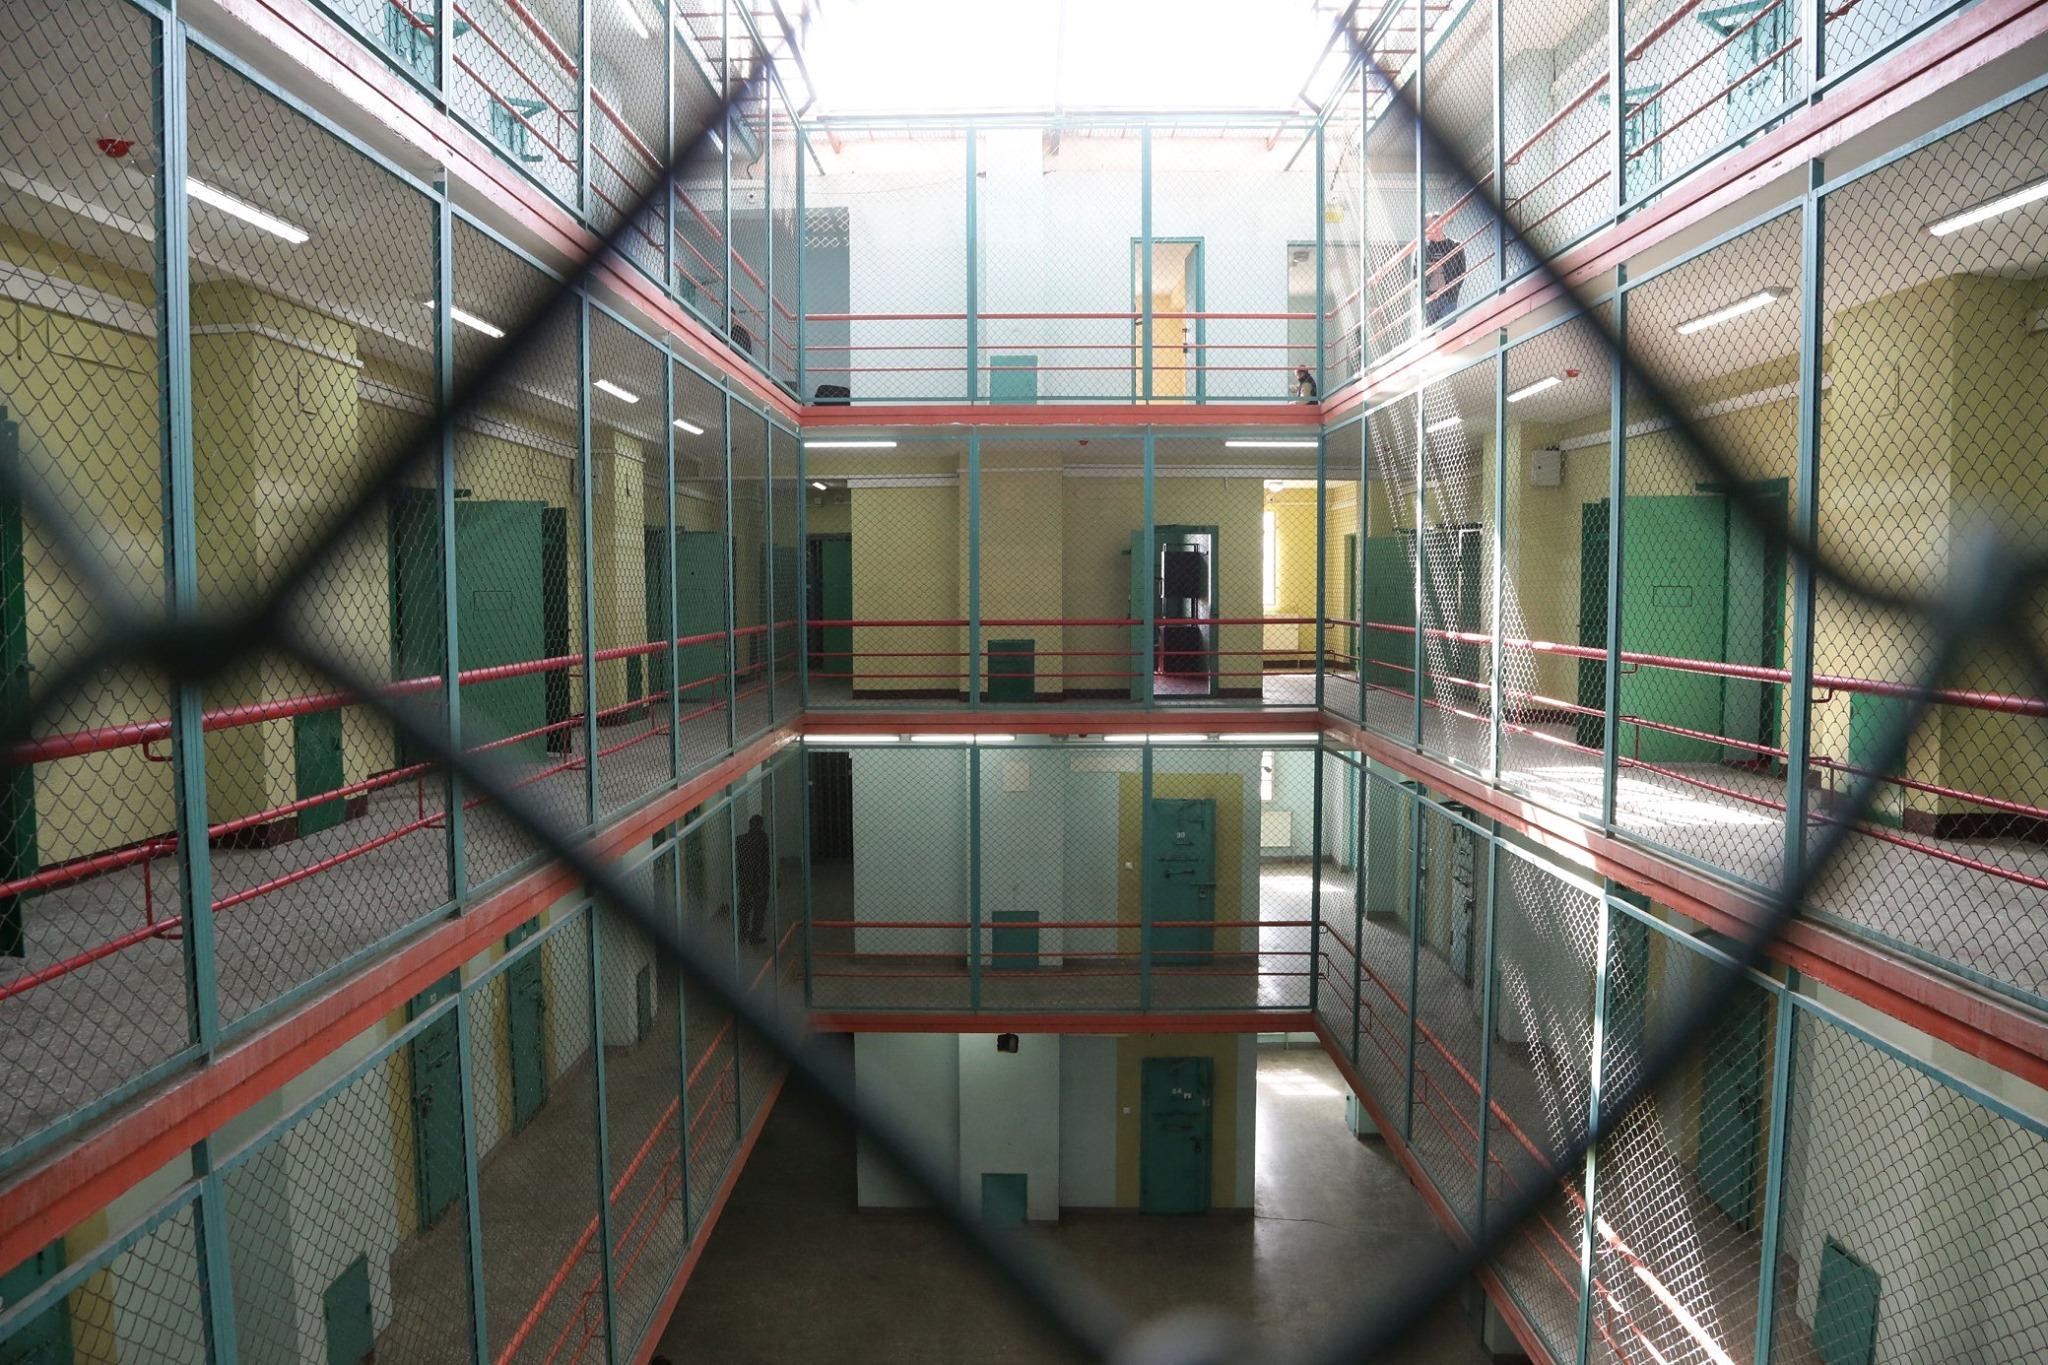 Prison #новости Covid-19, вакцинация, коронавирус, коронавирус в Грузии, пенитенциарная система